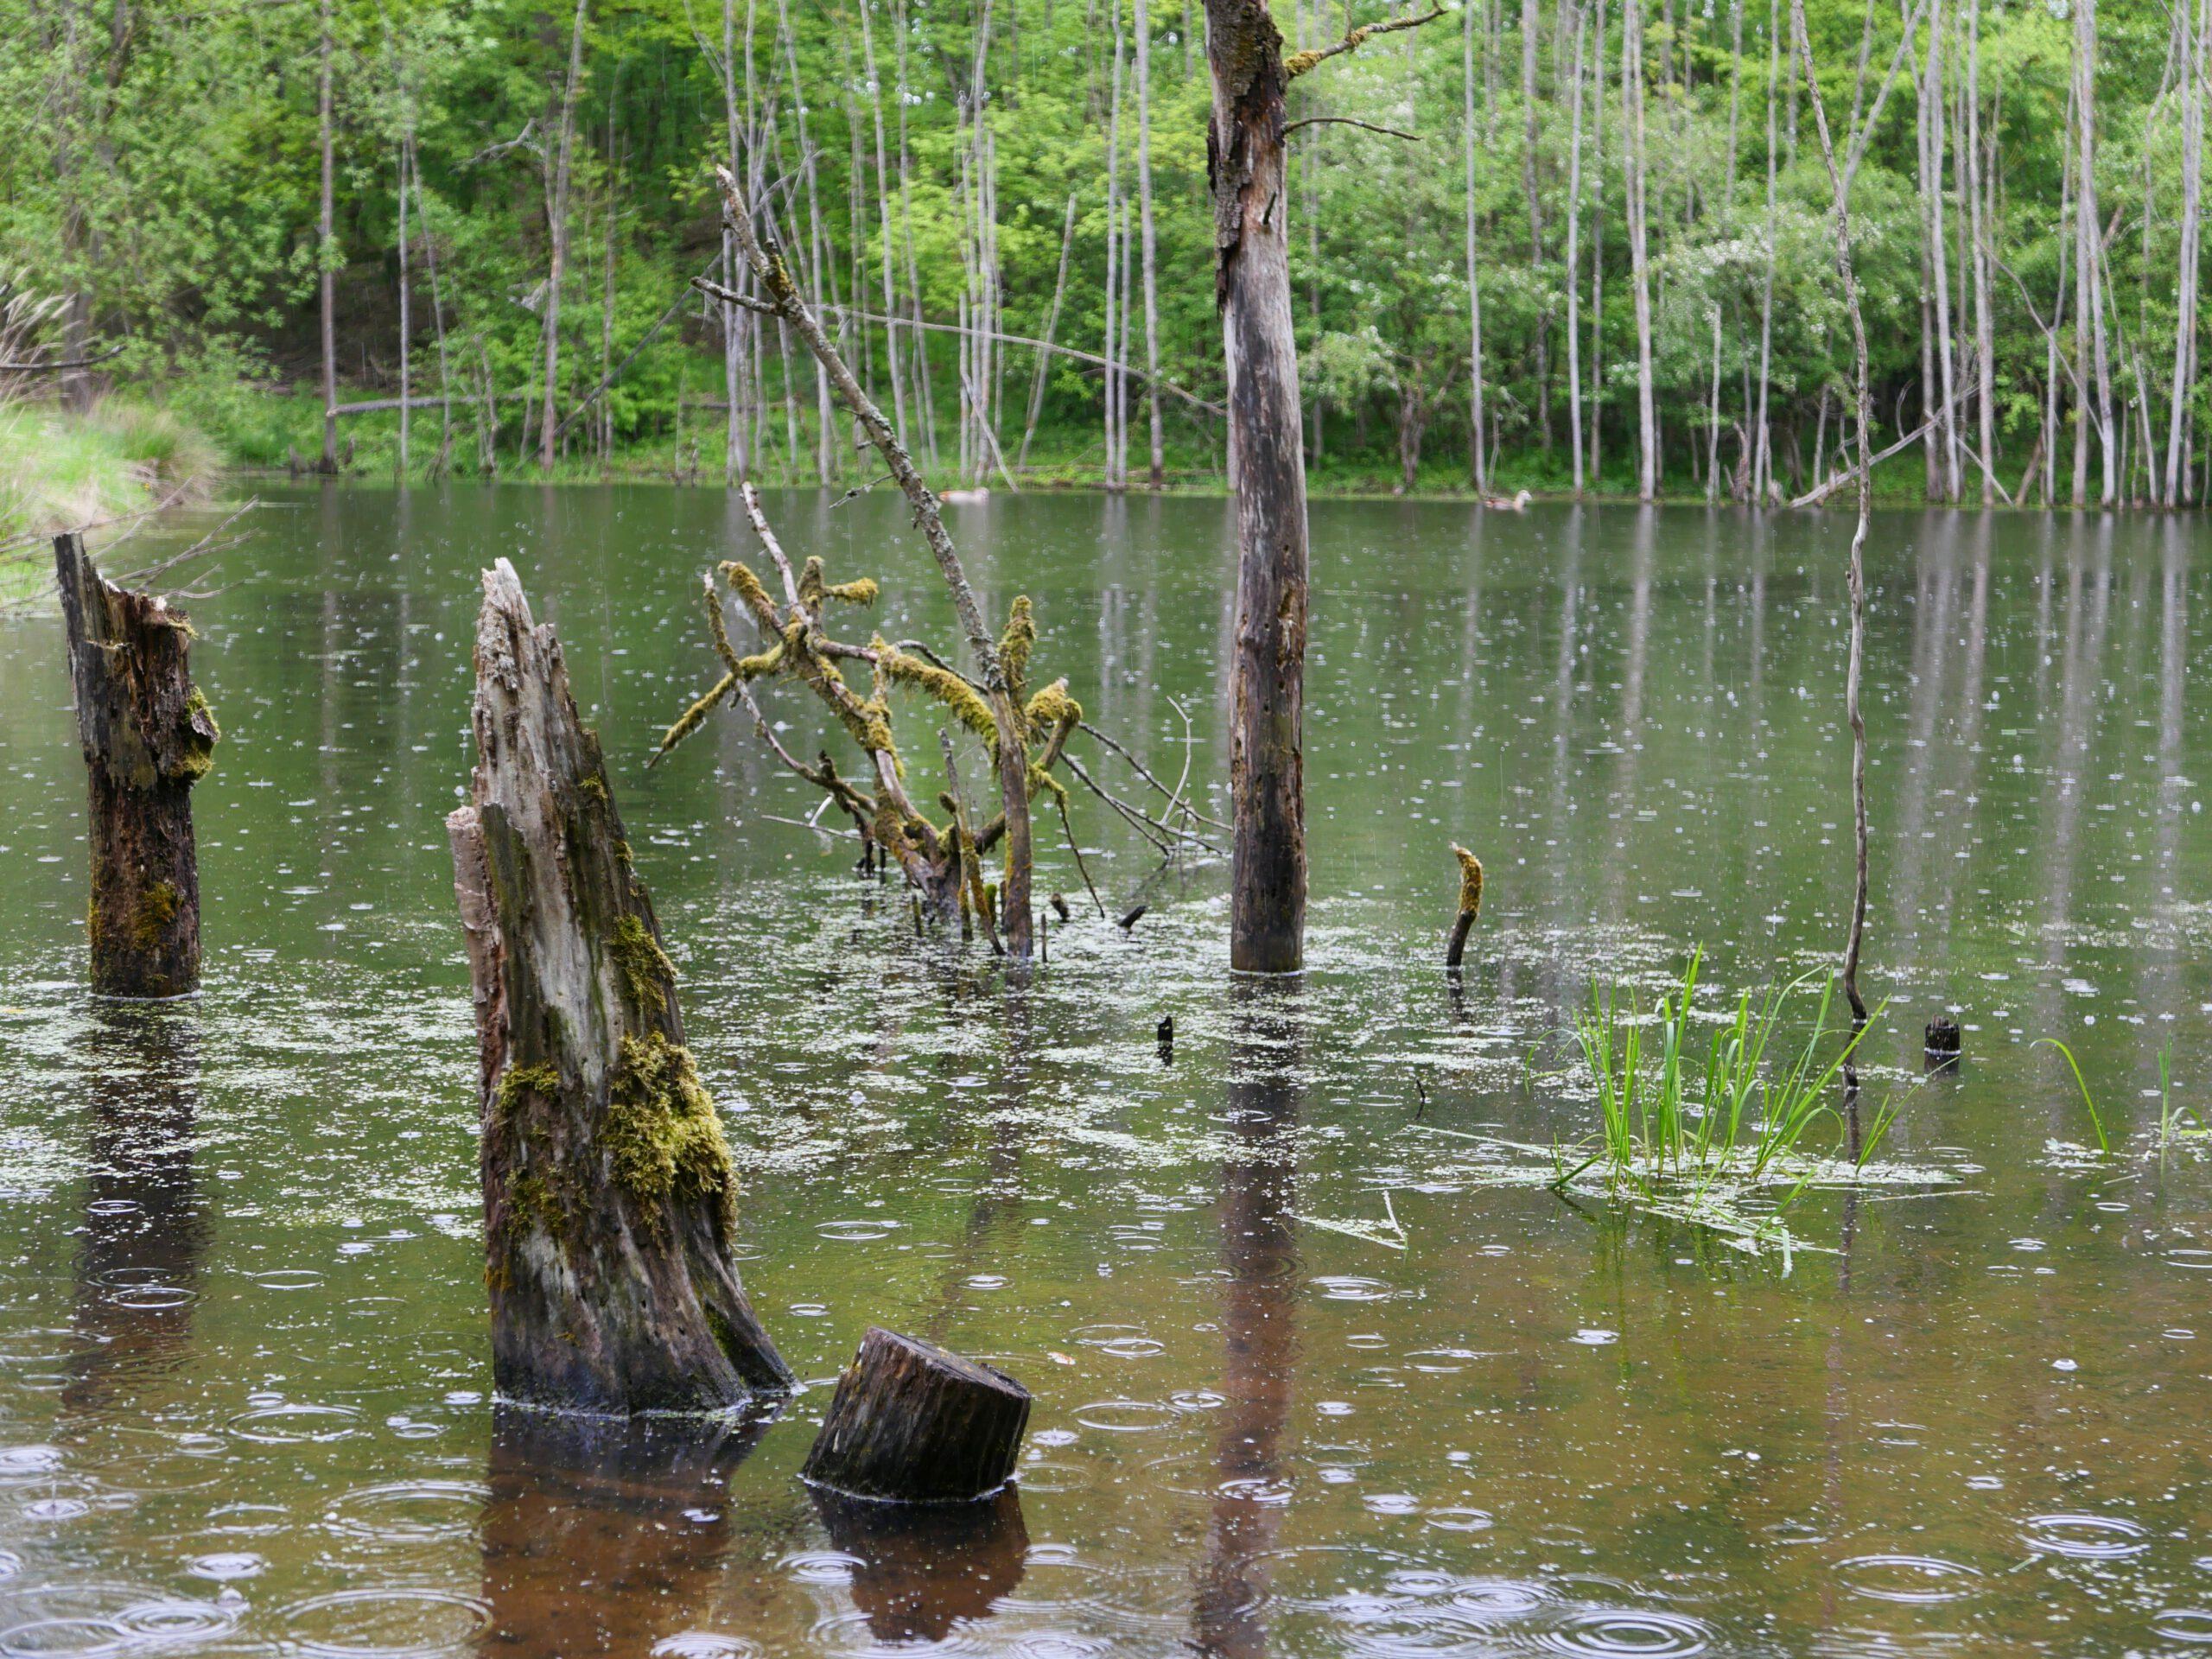 Wer sich auf die Reise bis an Ende der Welt begibt, kann ihn entdecken: Der Waldteich bei Irmelshausen. - Foto von Georg Magirius